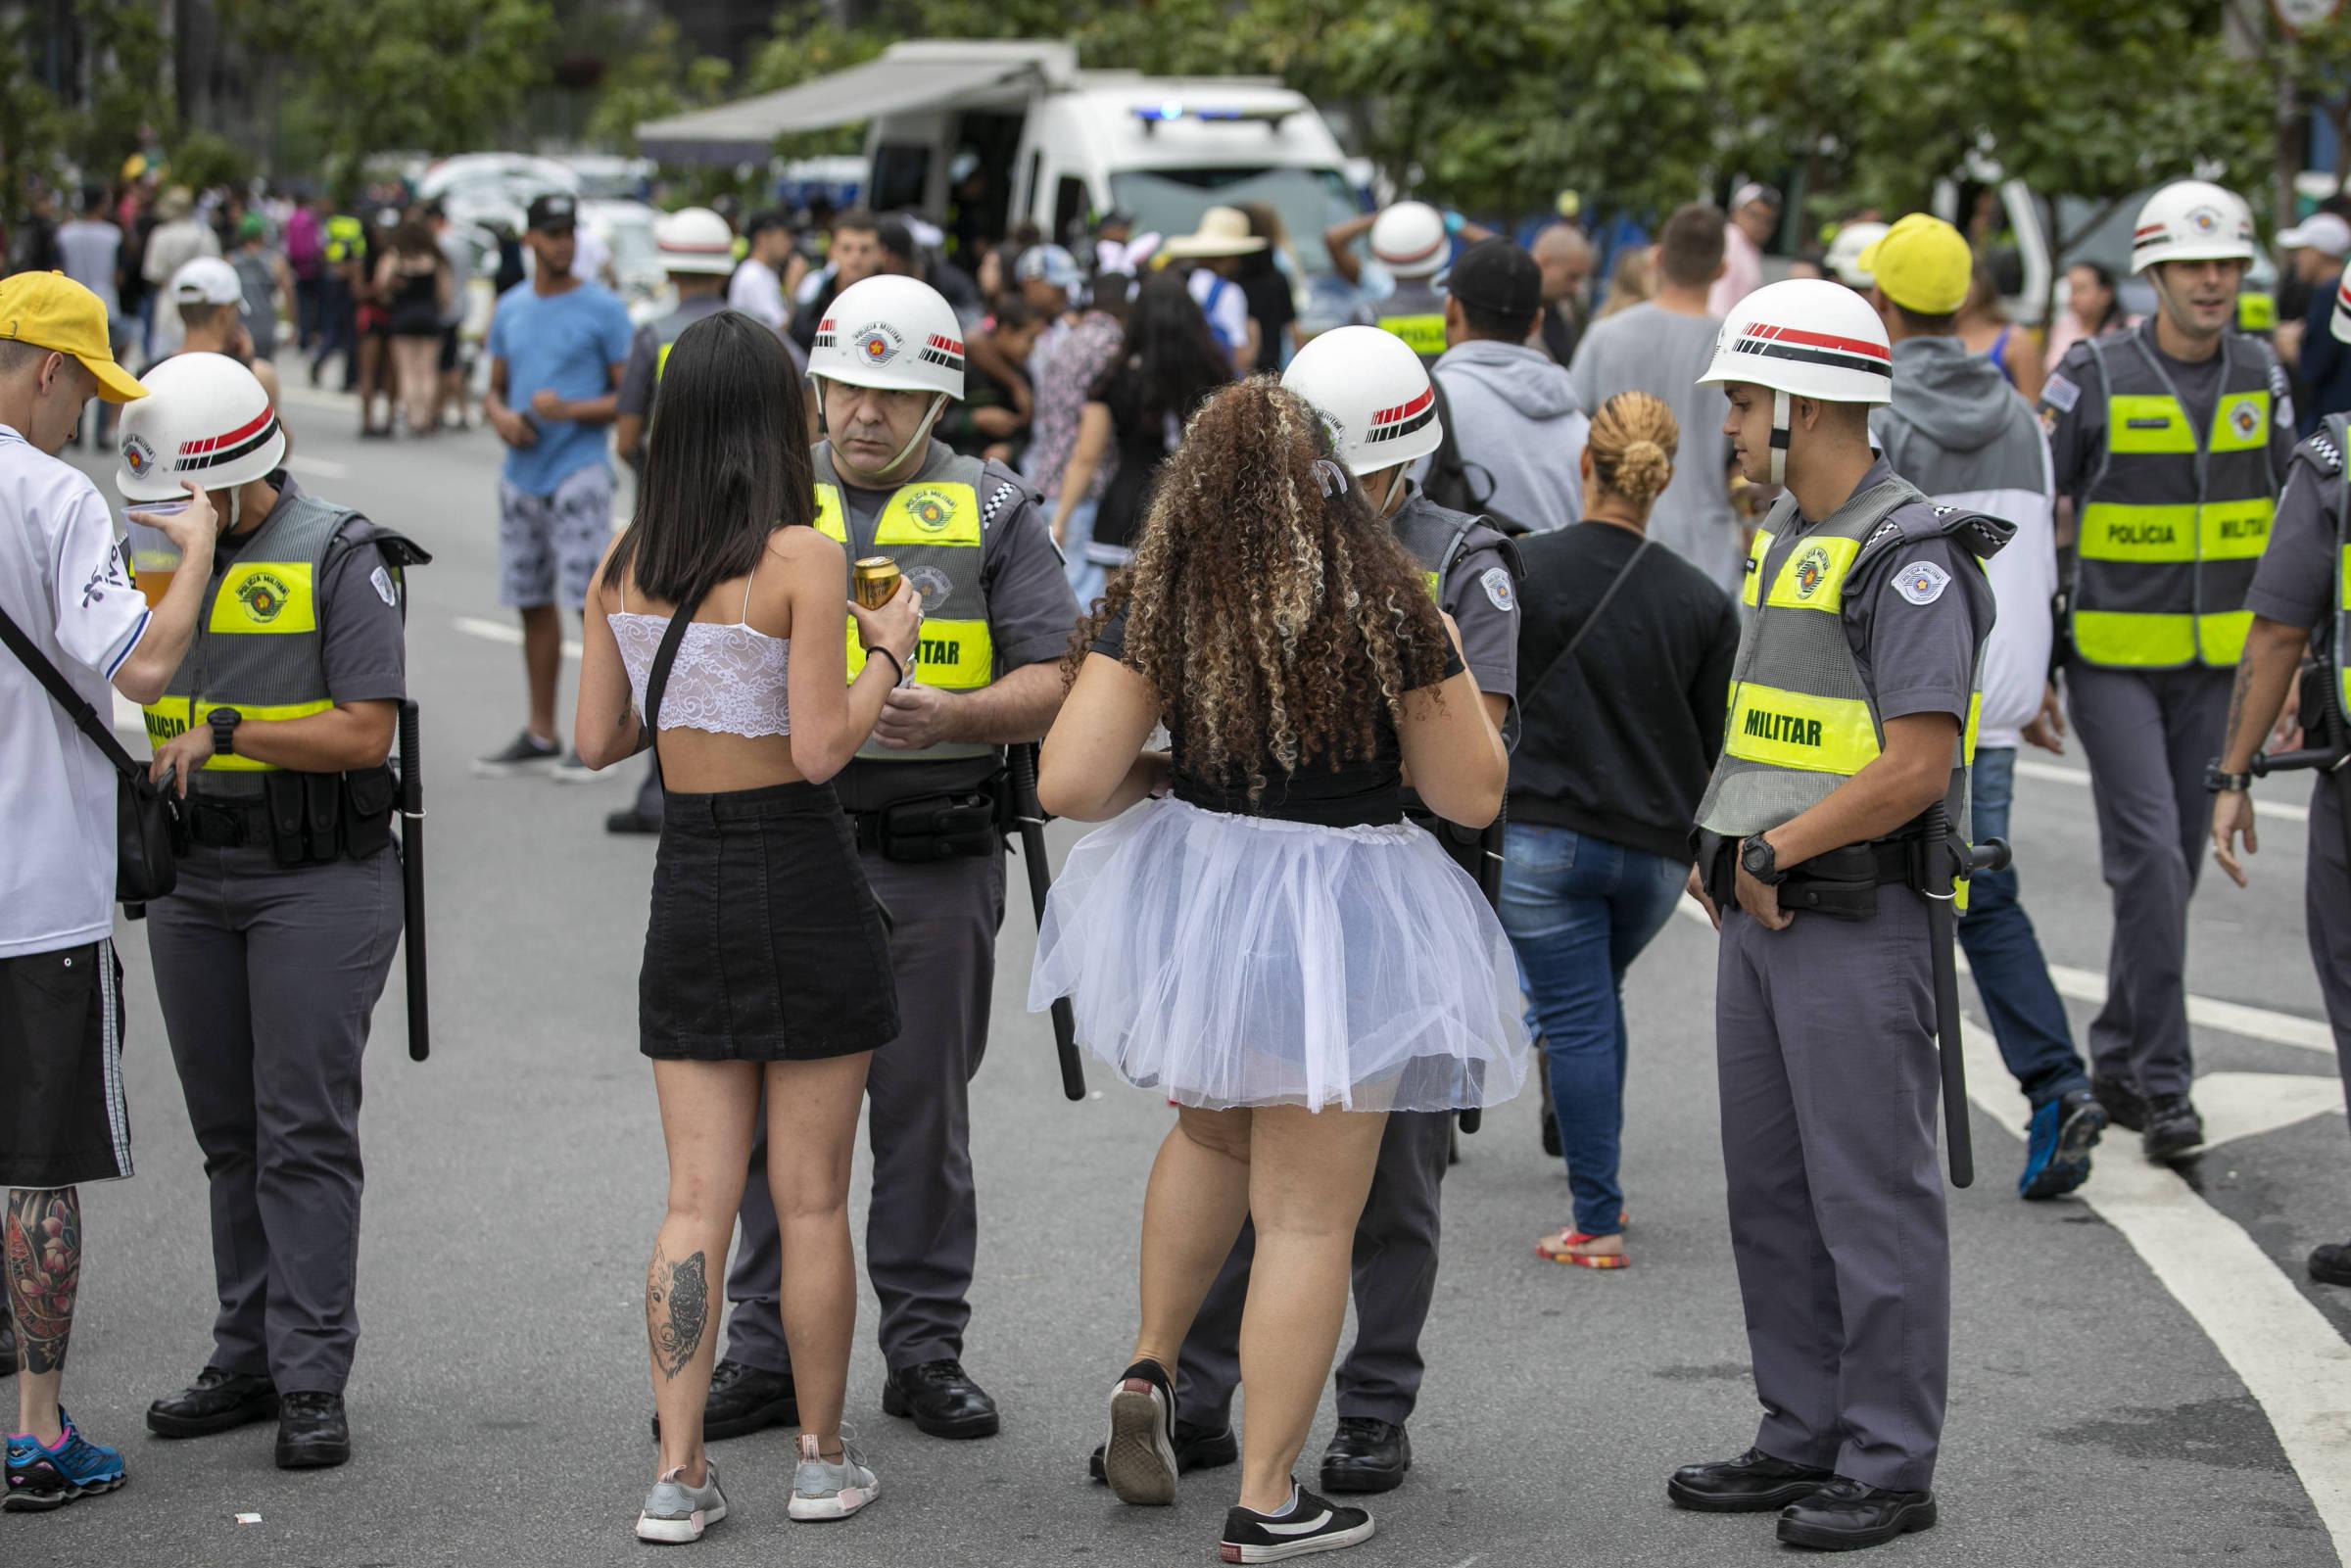 Capital paulista tem explosão de roubos e homicídios em fevereiro de Carnaval